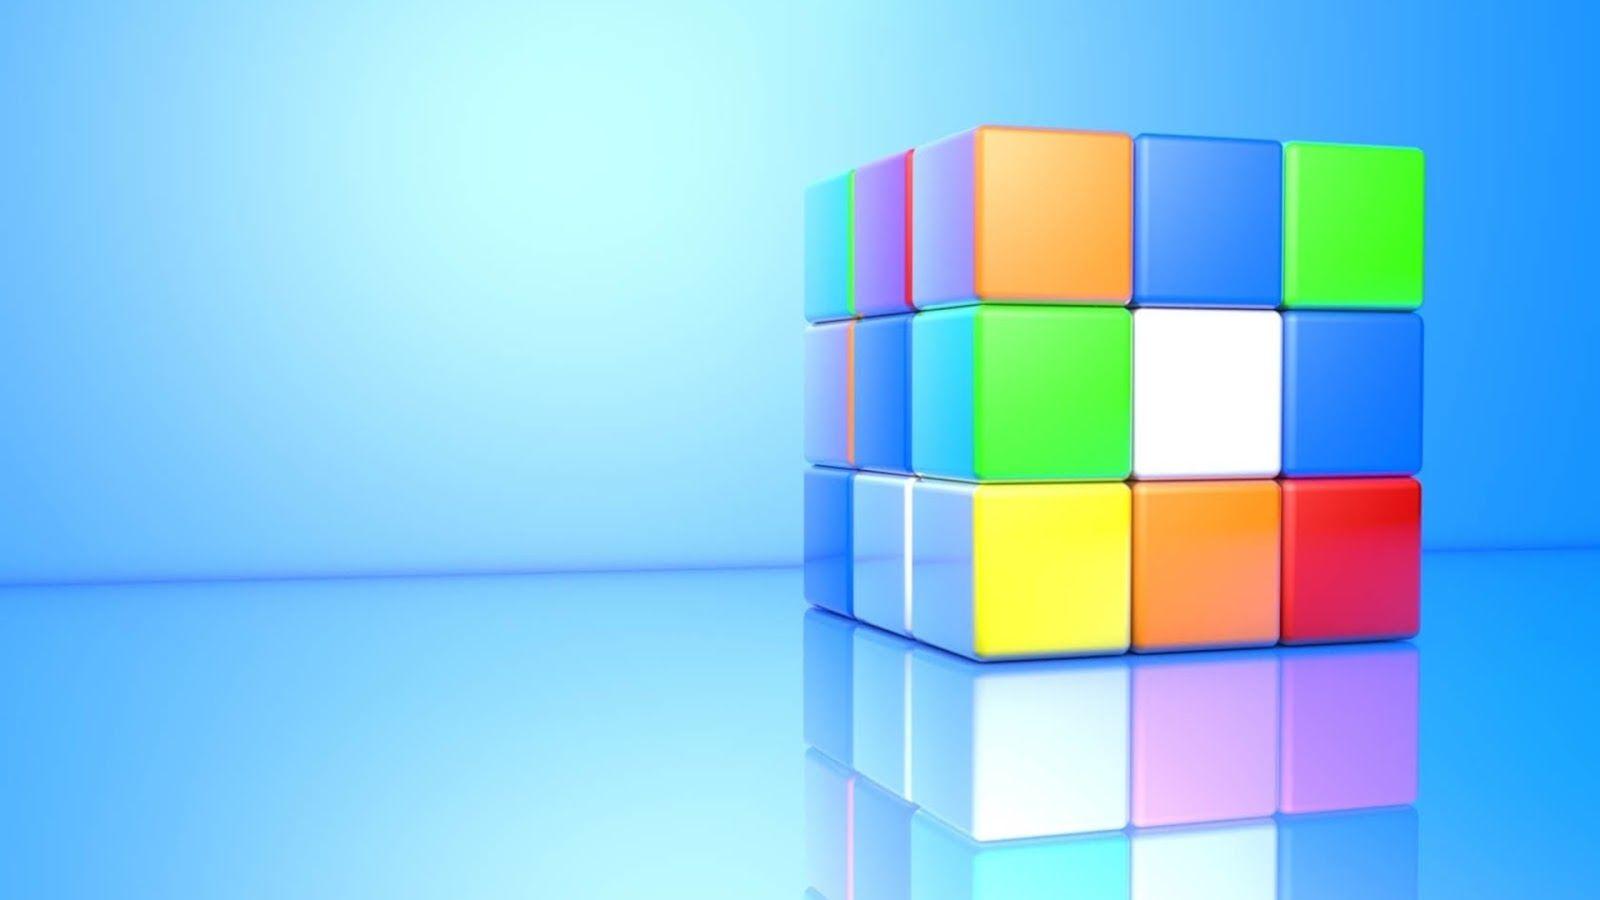 3D Rubik's Cube | Cube, Rubiks cube, Rubix cube